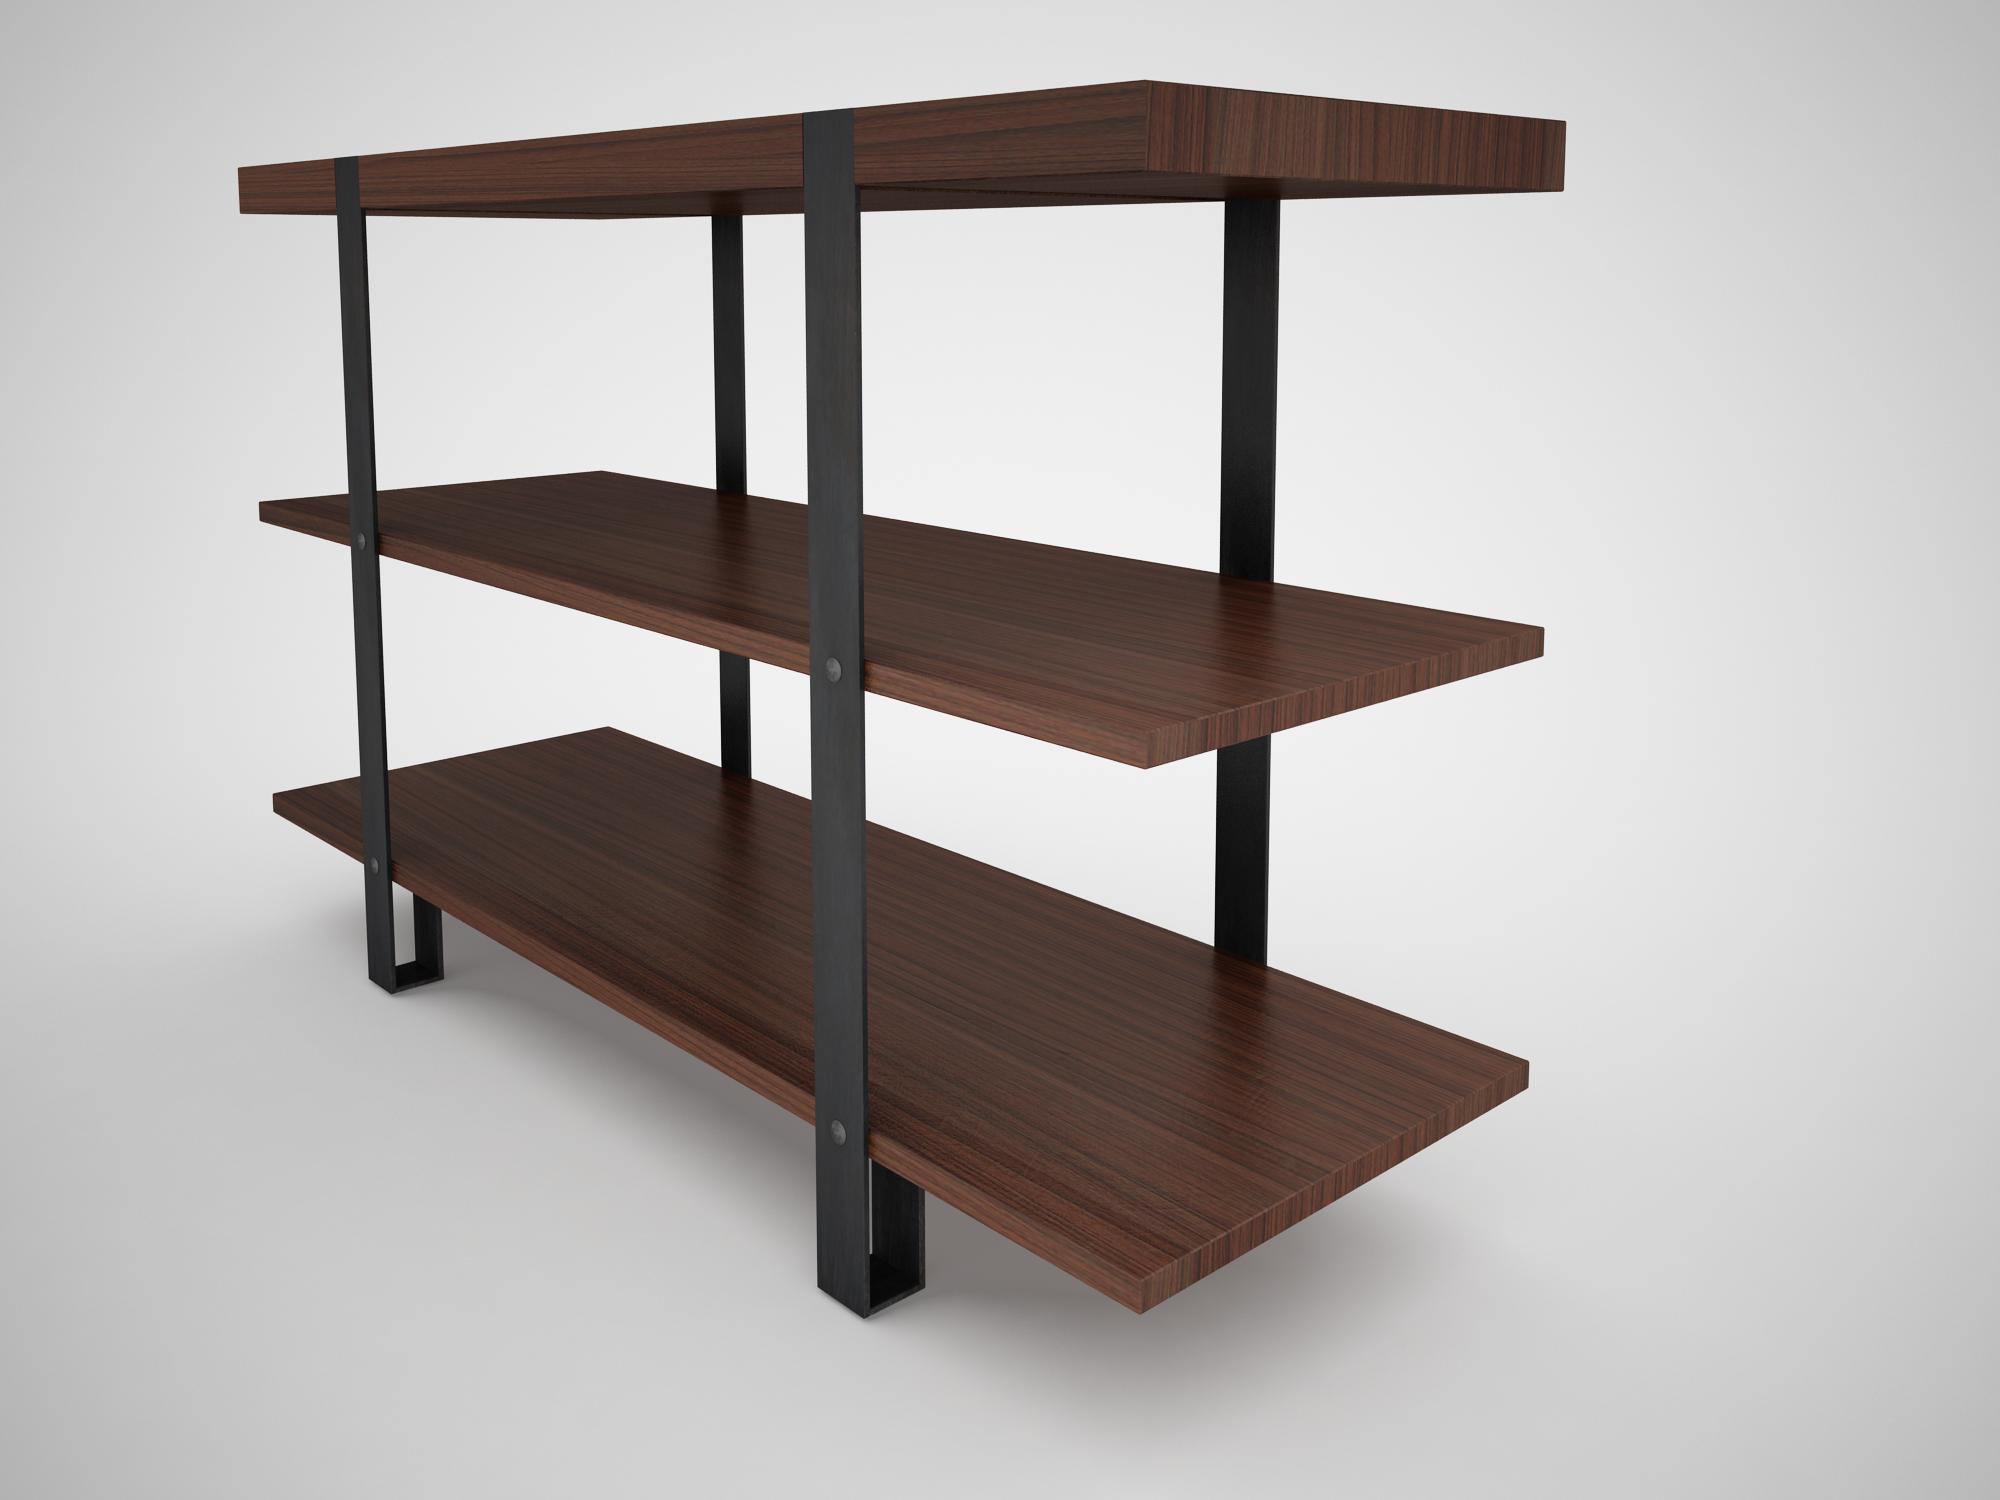 industrial steel pipe shelves and marley sofa table by rigel46 3docean rh 3docean net